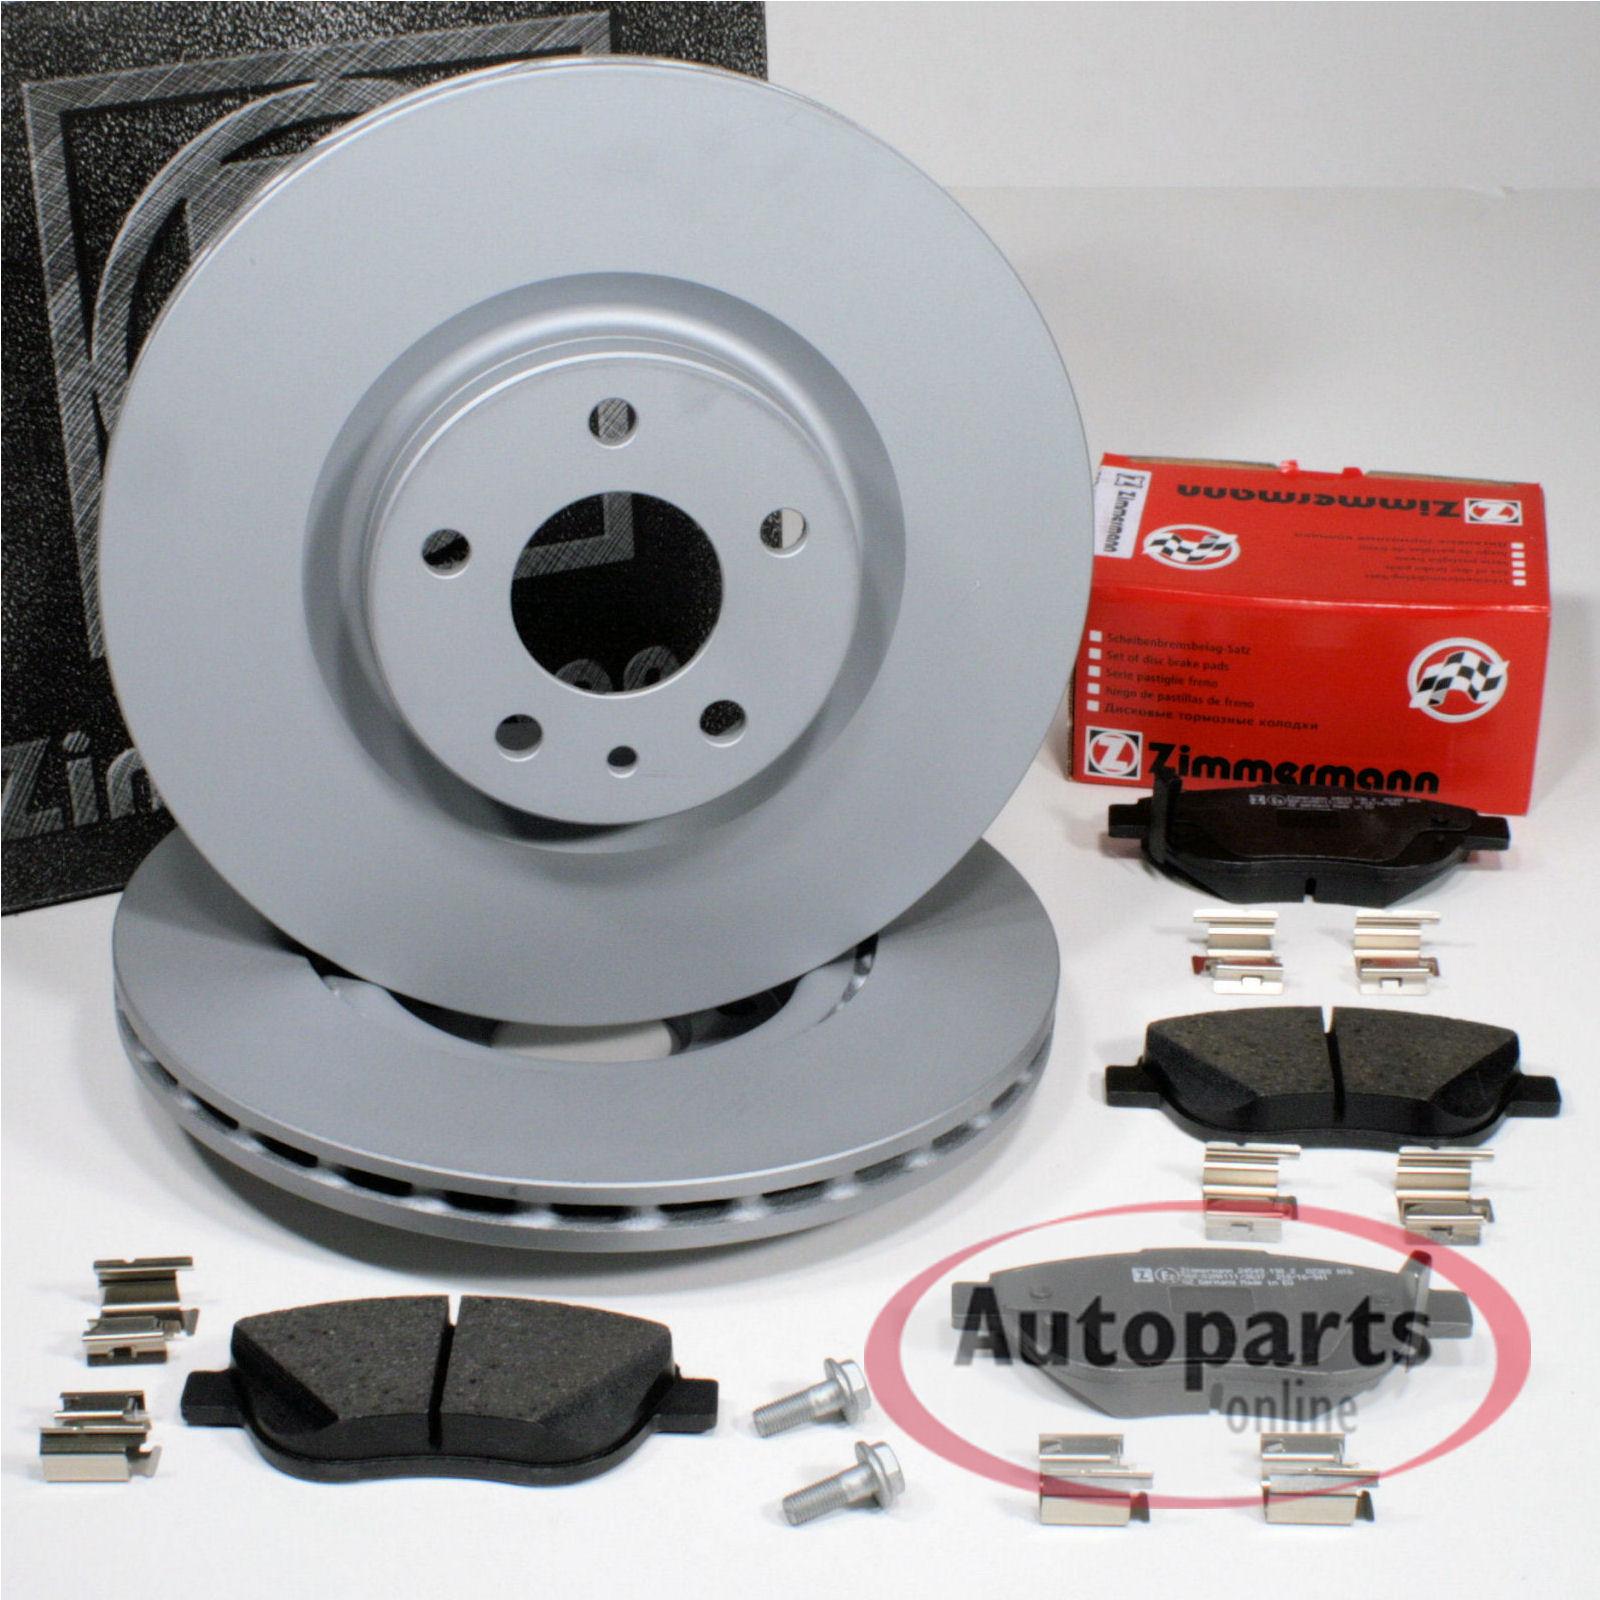 Bremsbeläge vorne Vorderachse Bremsscheiben 284 mm Bremsen Fiat 500L